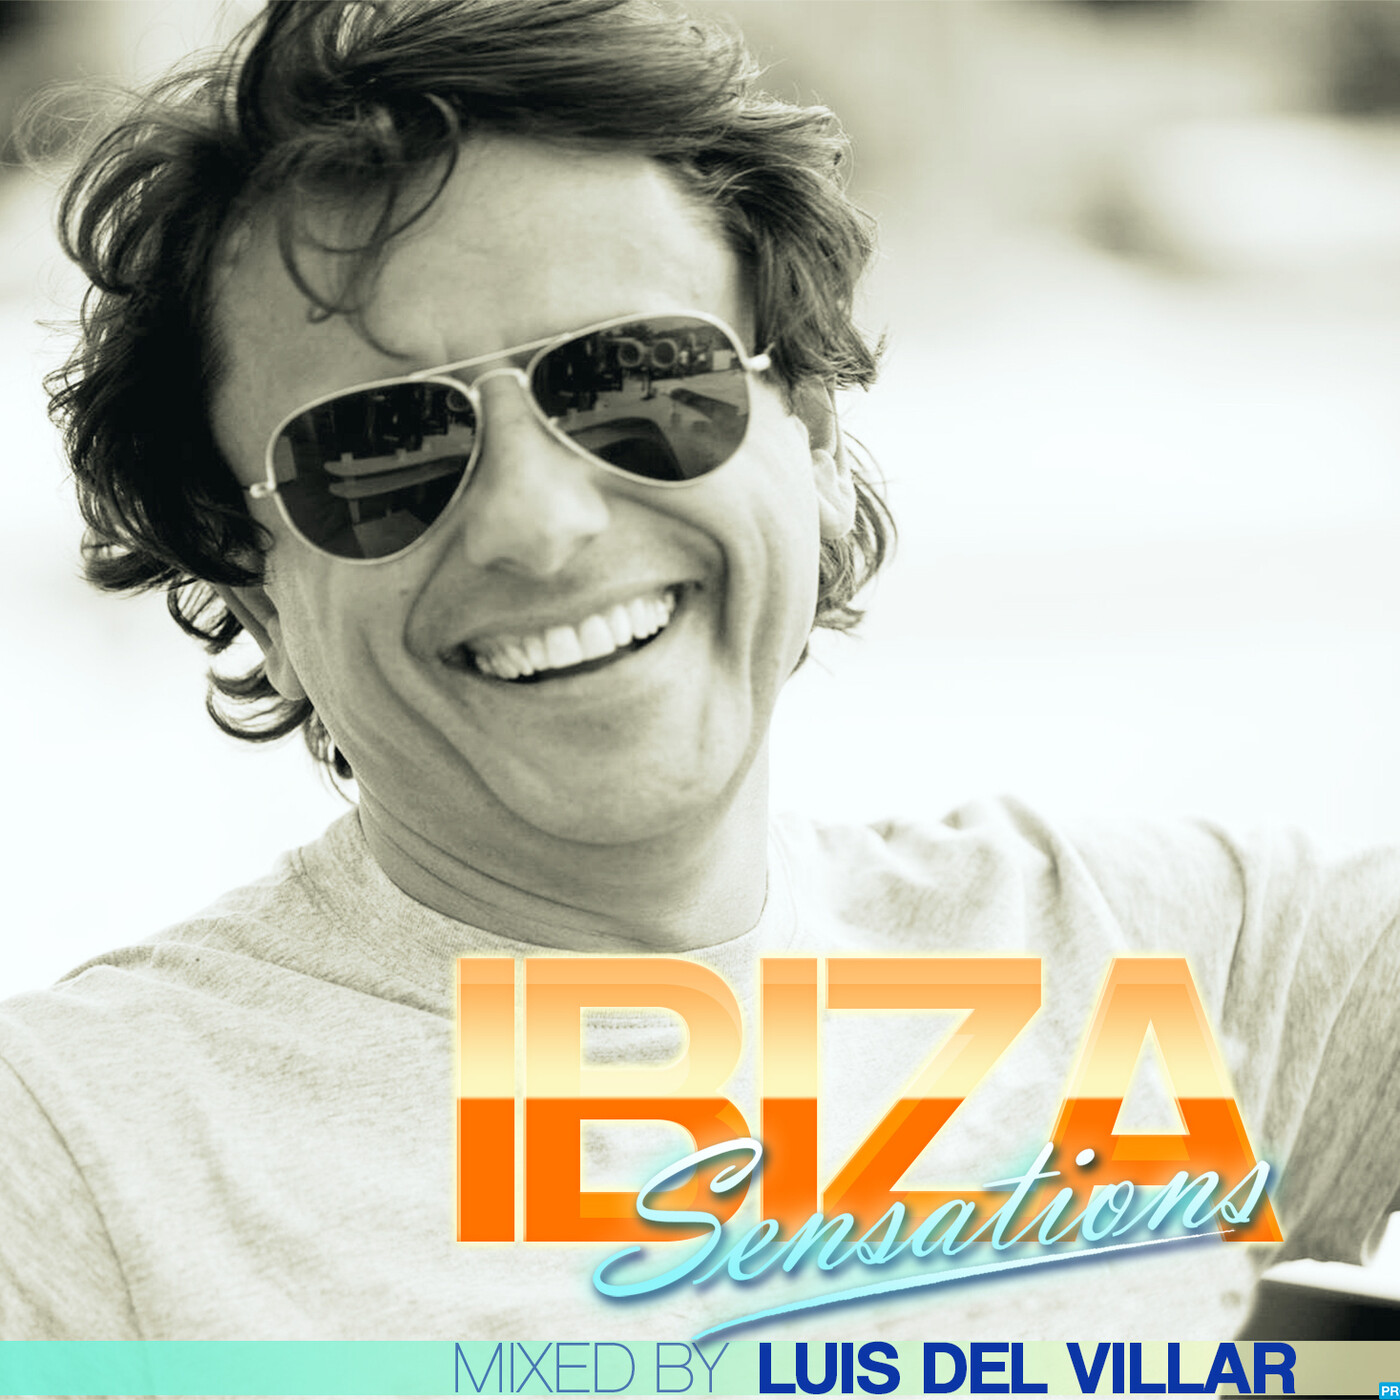 Special Message from Luis del Villar.